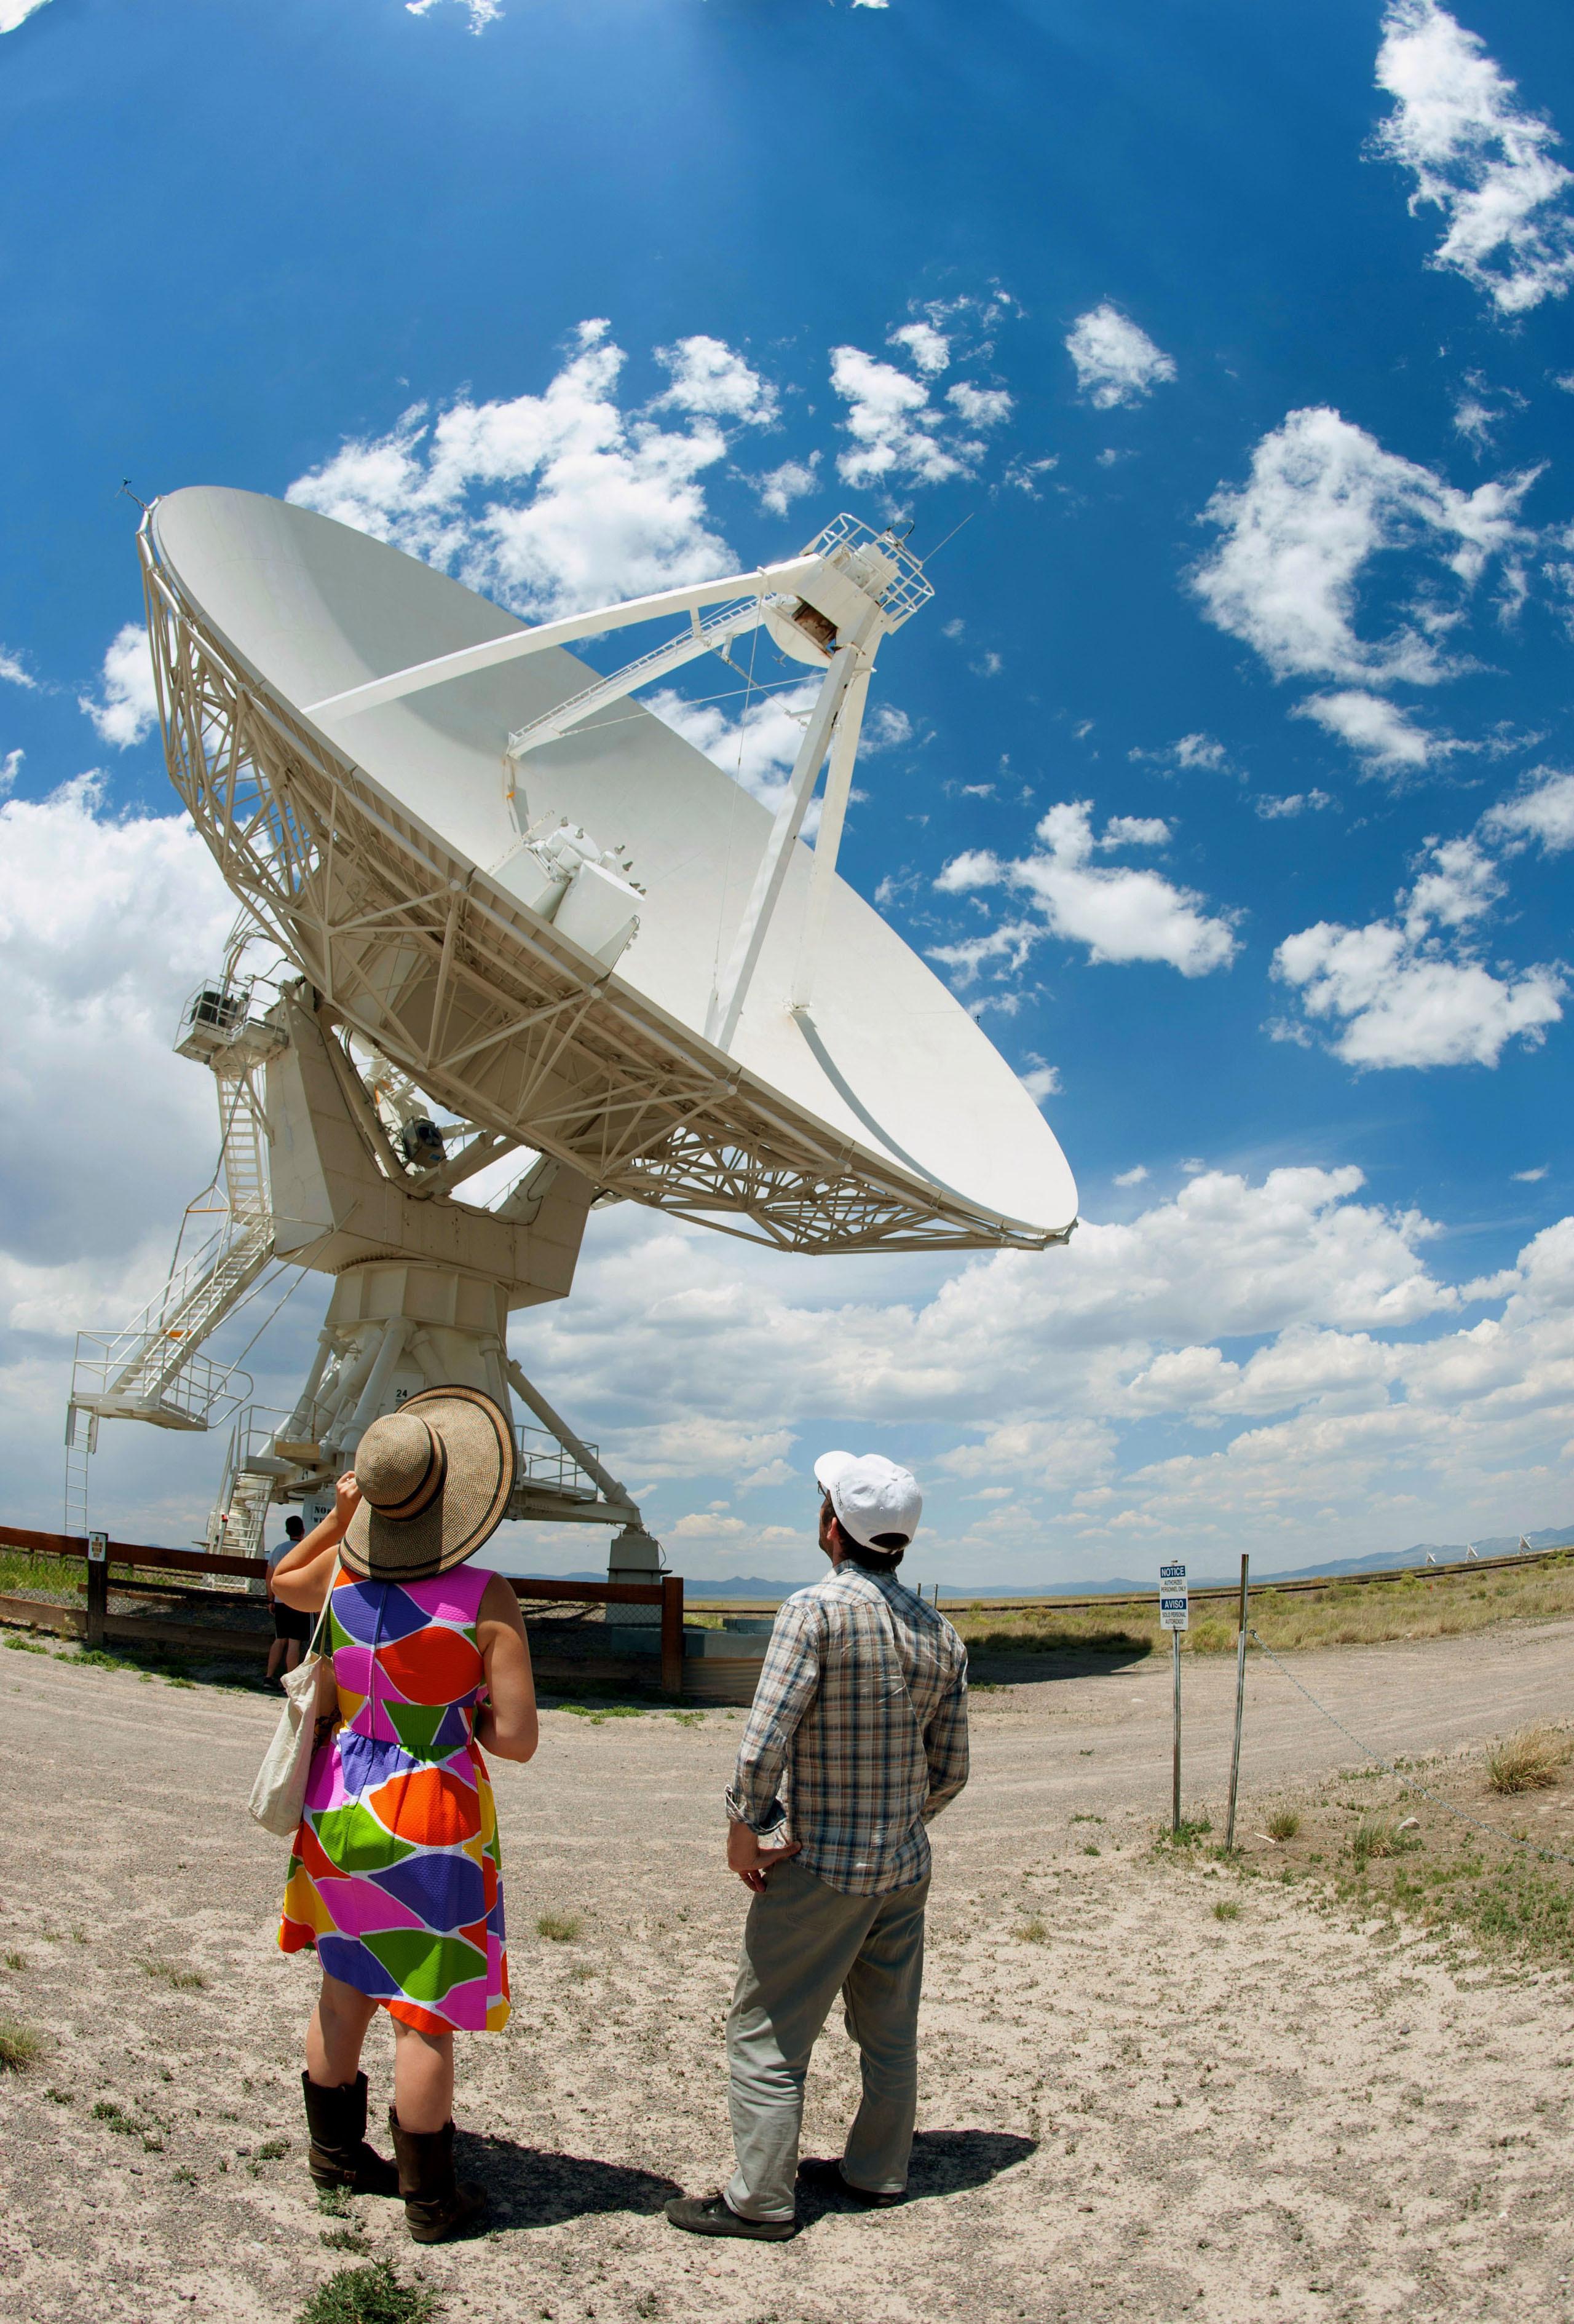 映画「コンタクト」のロケ地となったニューメキシコ州マグダレナにある大型電波望遠鏡。平原の真ん中で宇宙からの微弱な電波をキャッチしている(撮影・鍋島明子、共同)